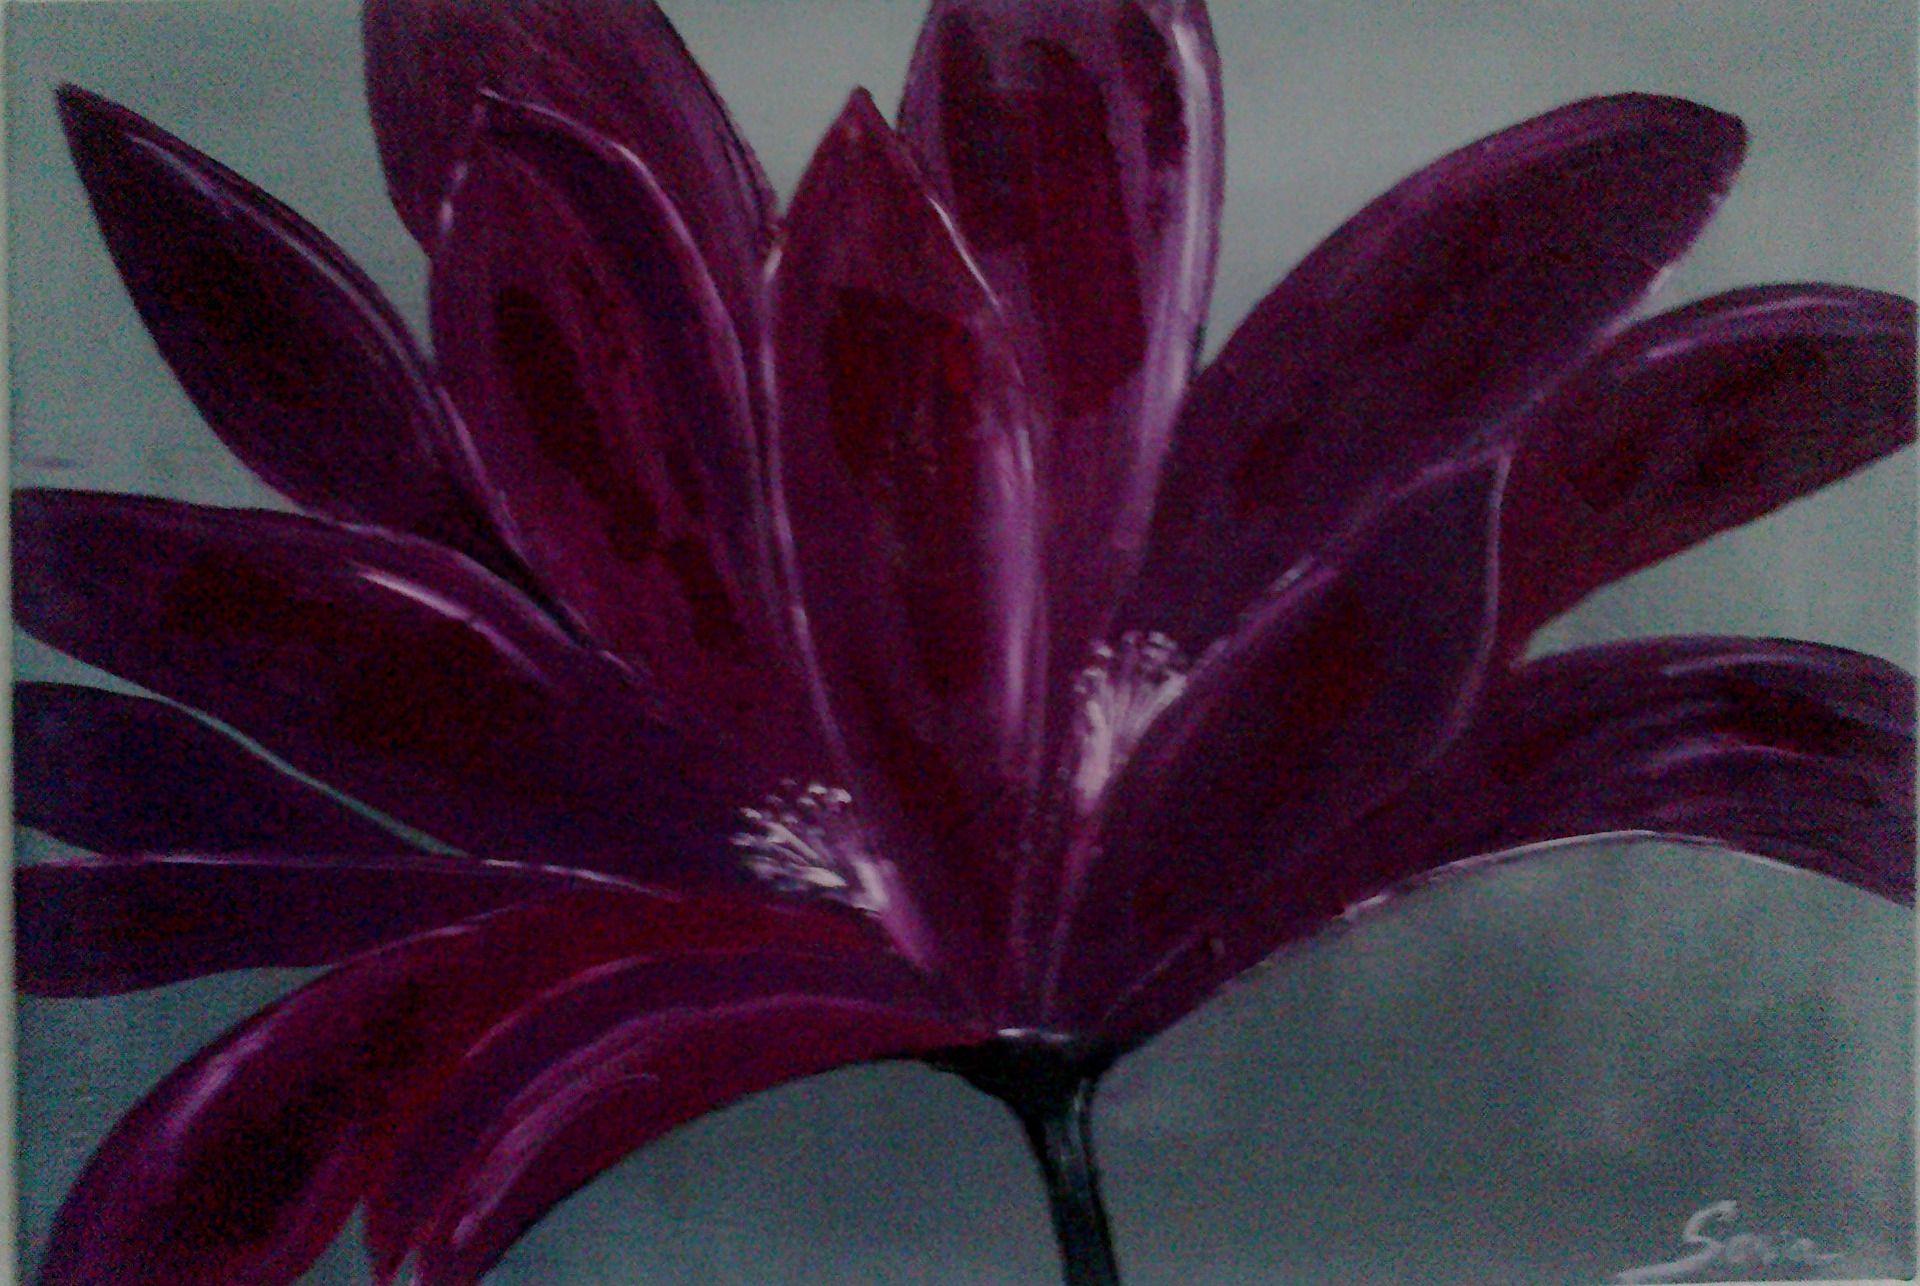 tableau moderne fleur tableau contemporain fleur mauve peintures par sonia creation art 2. Black Bedroom Furniture Sets. Home Design Ideas